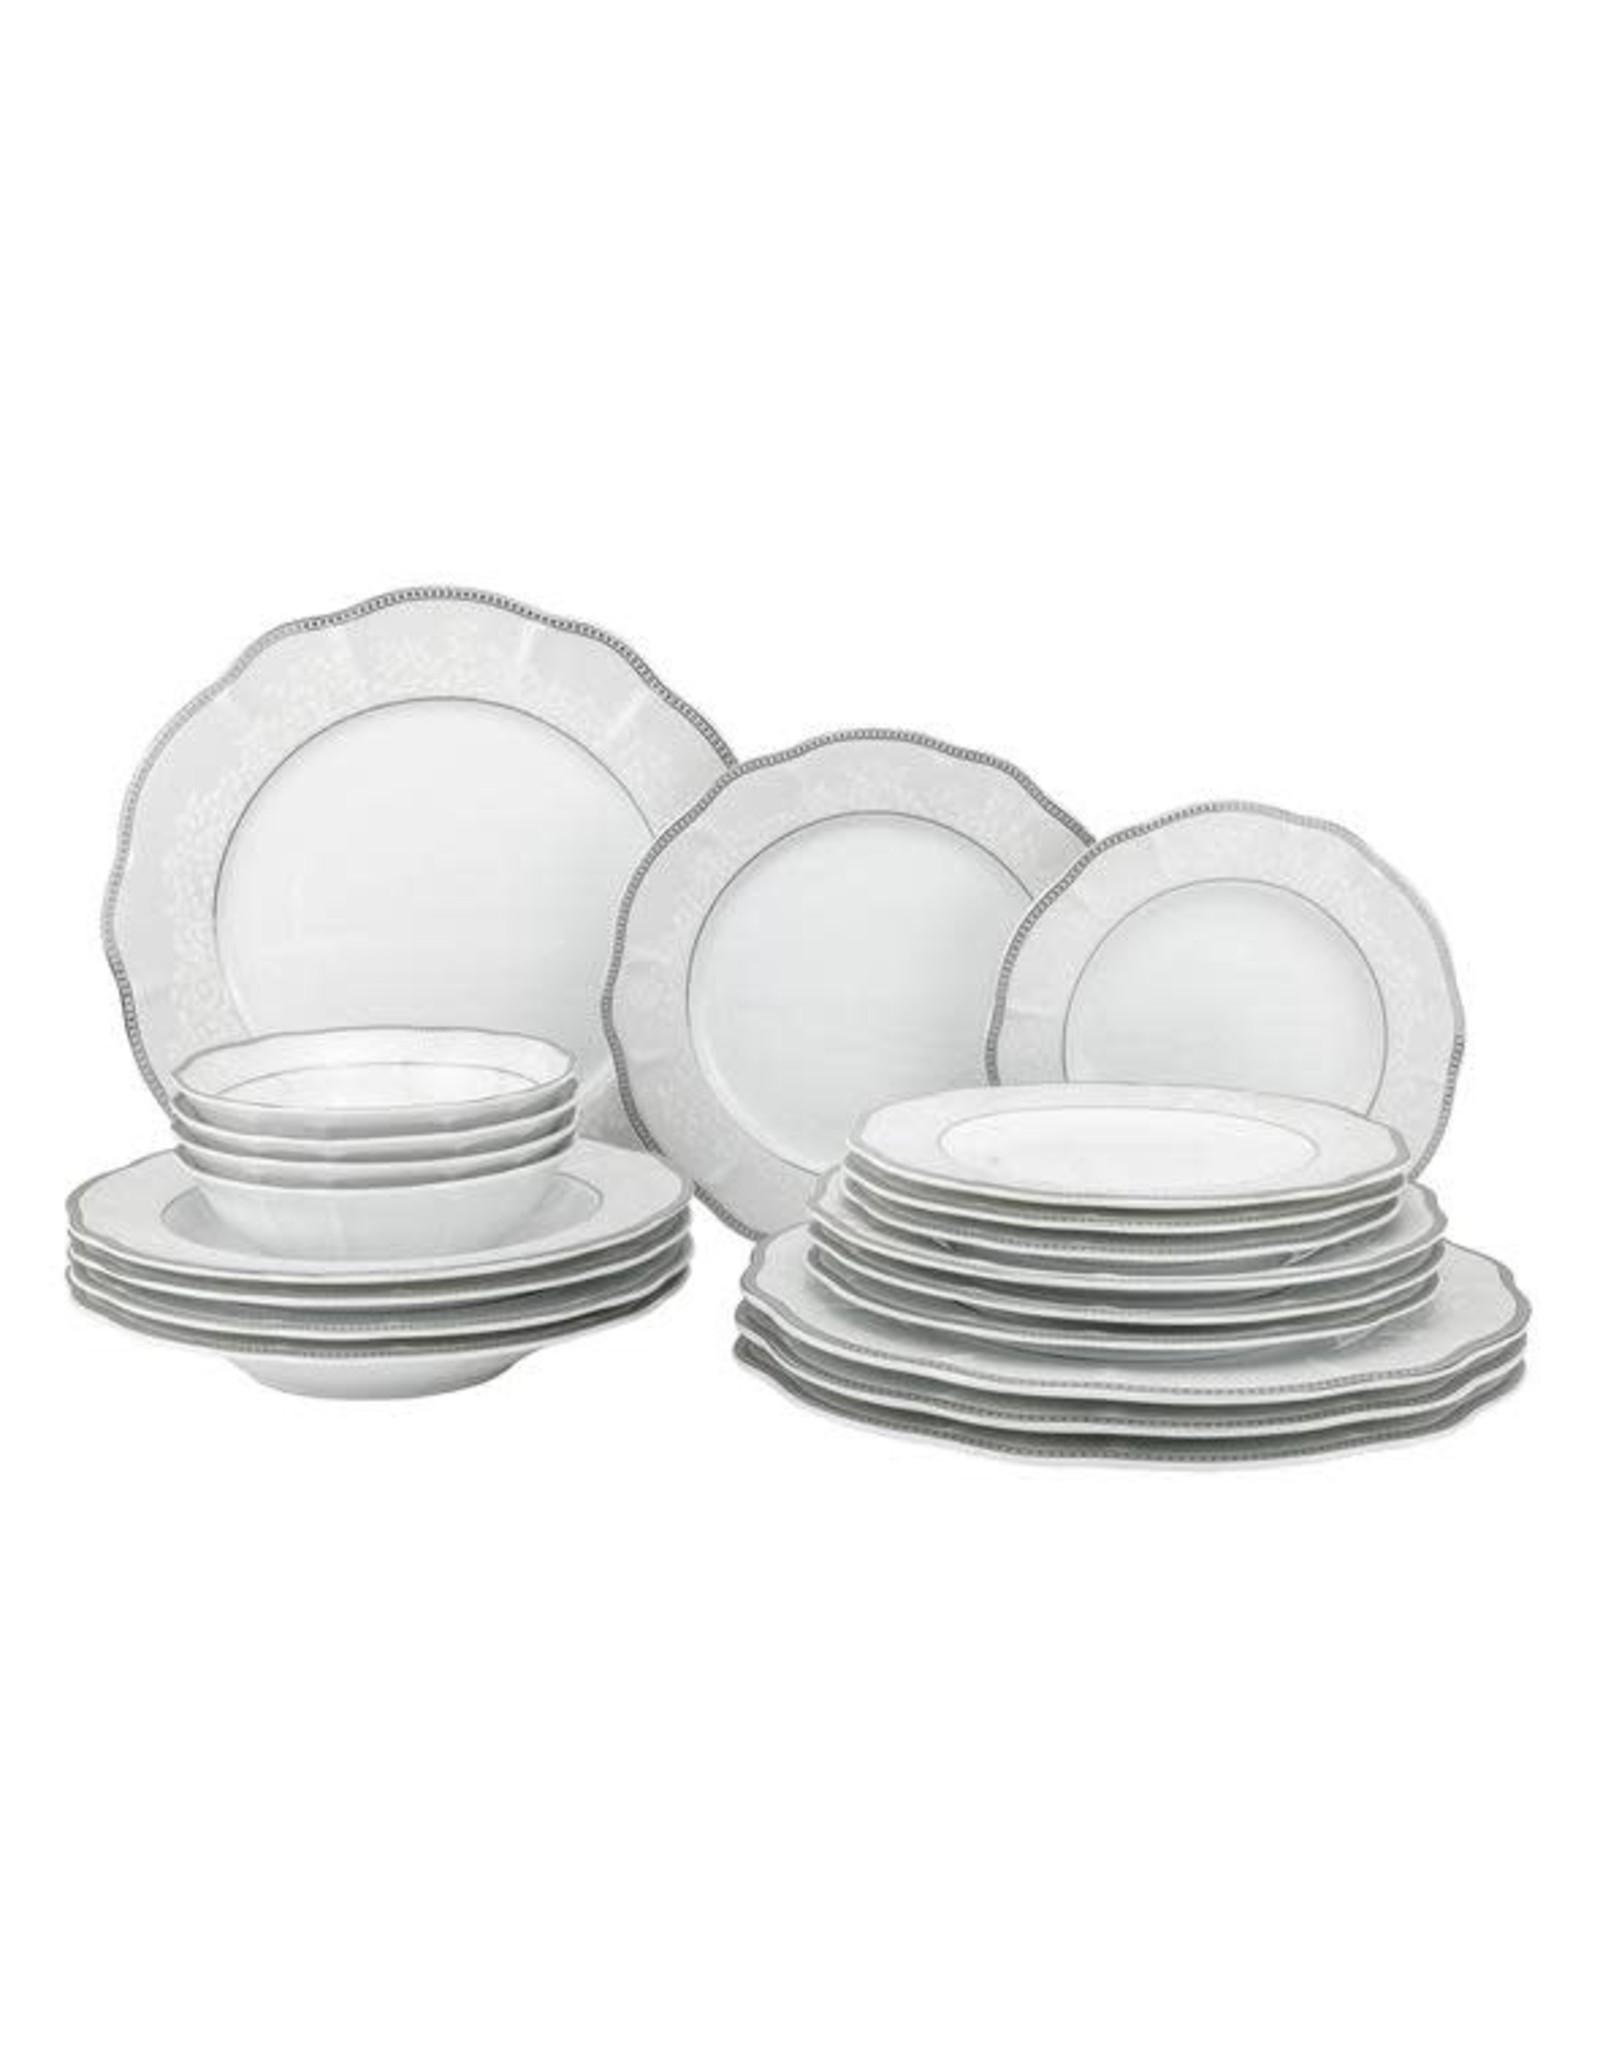 Cantella Dinnerware Service For 4